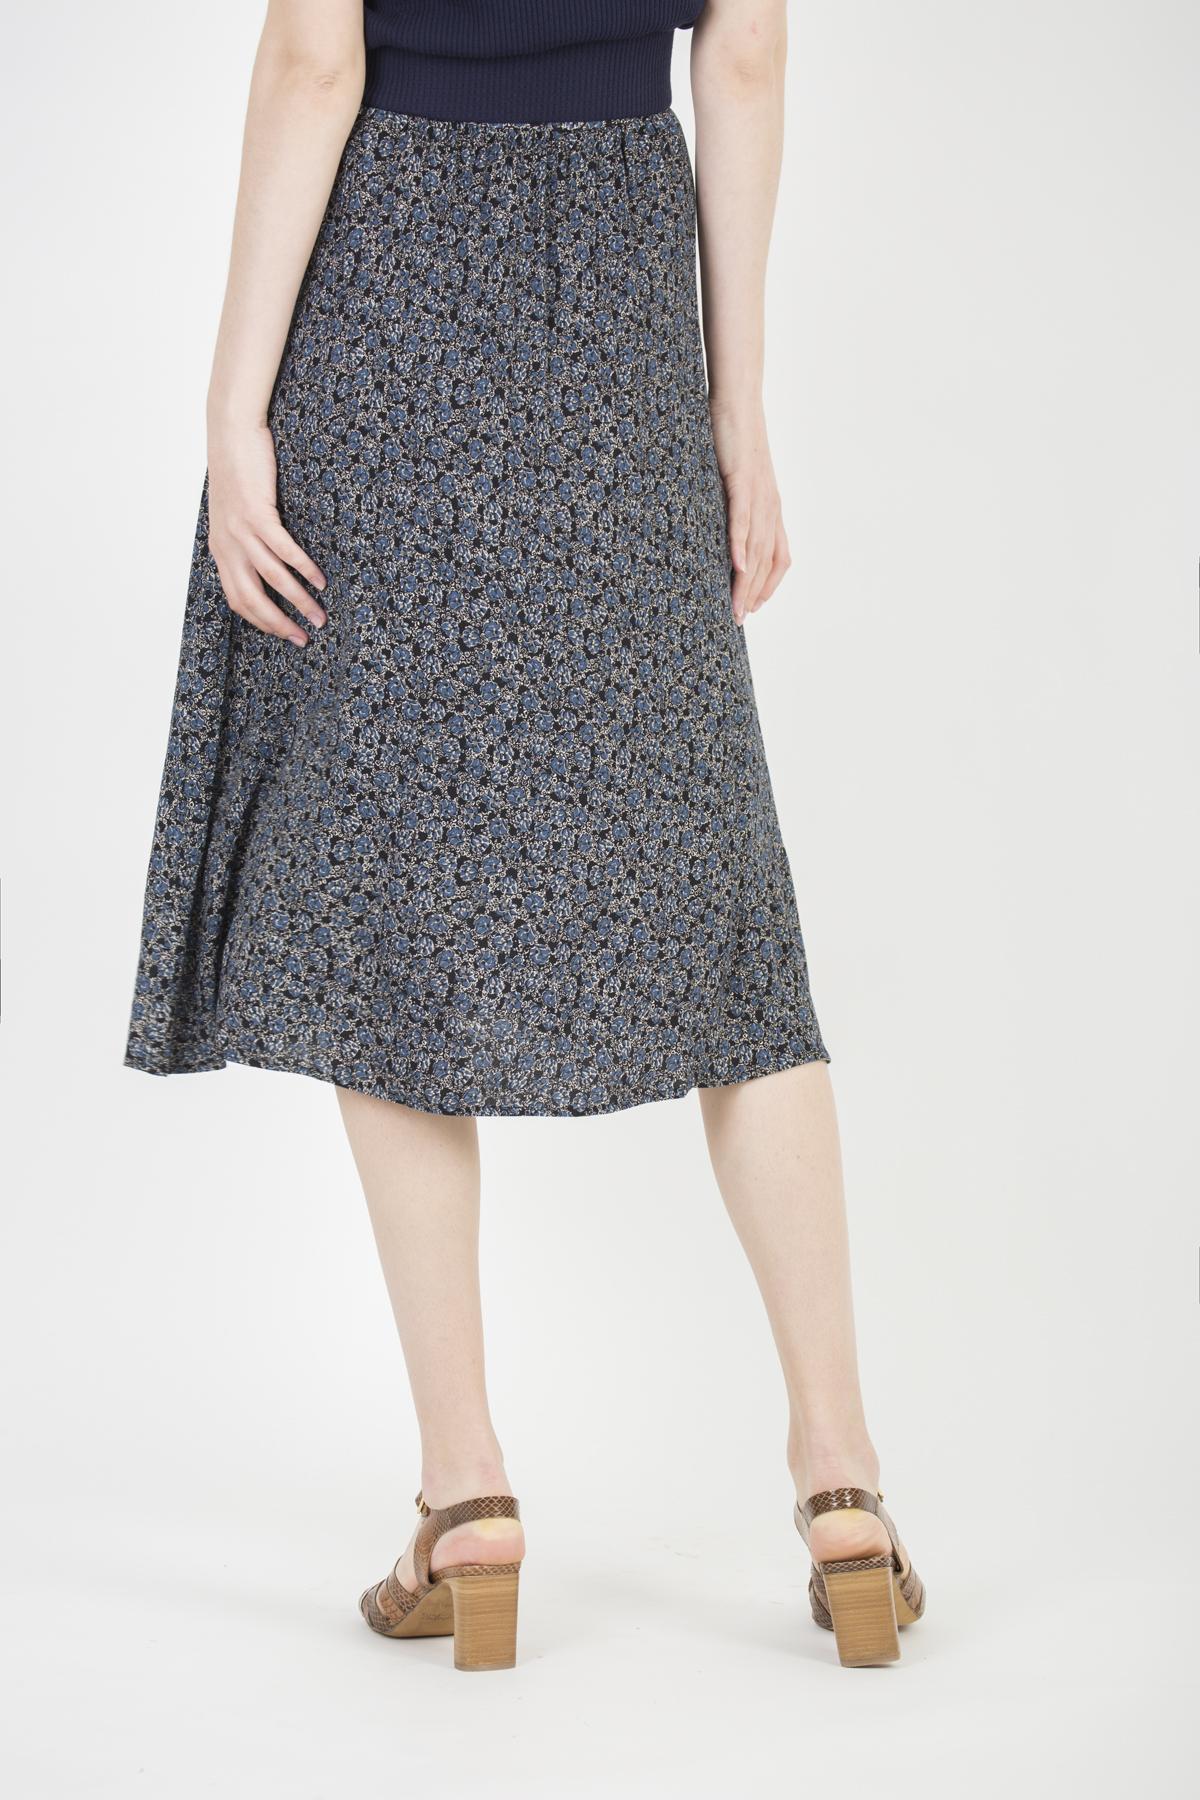 daniella-blues-skirt-viscose-pockets-buttons-sessun-matchboxathens